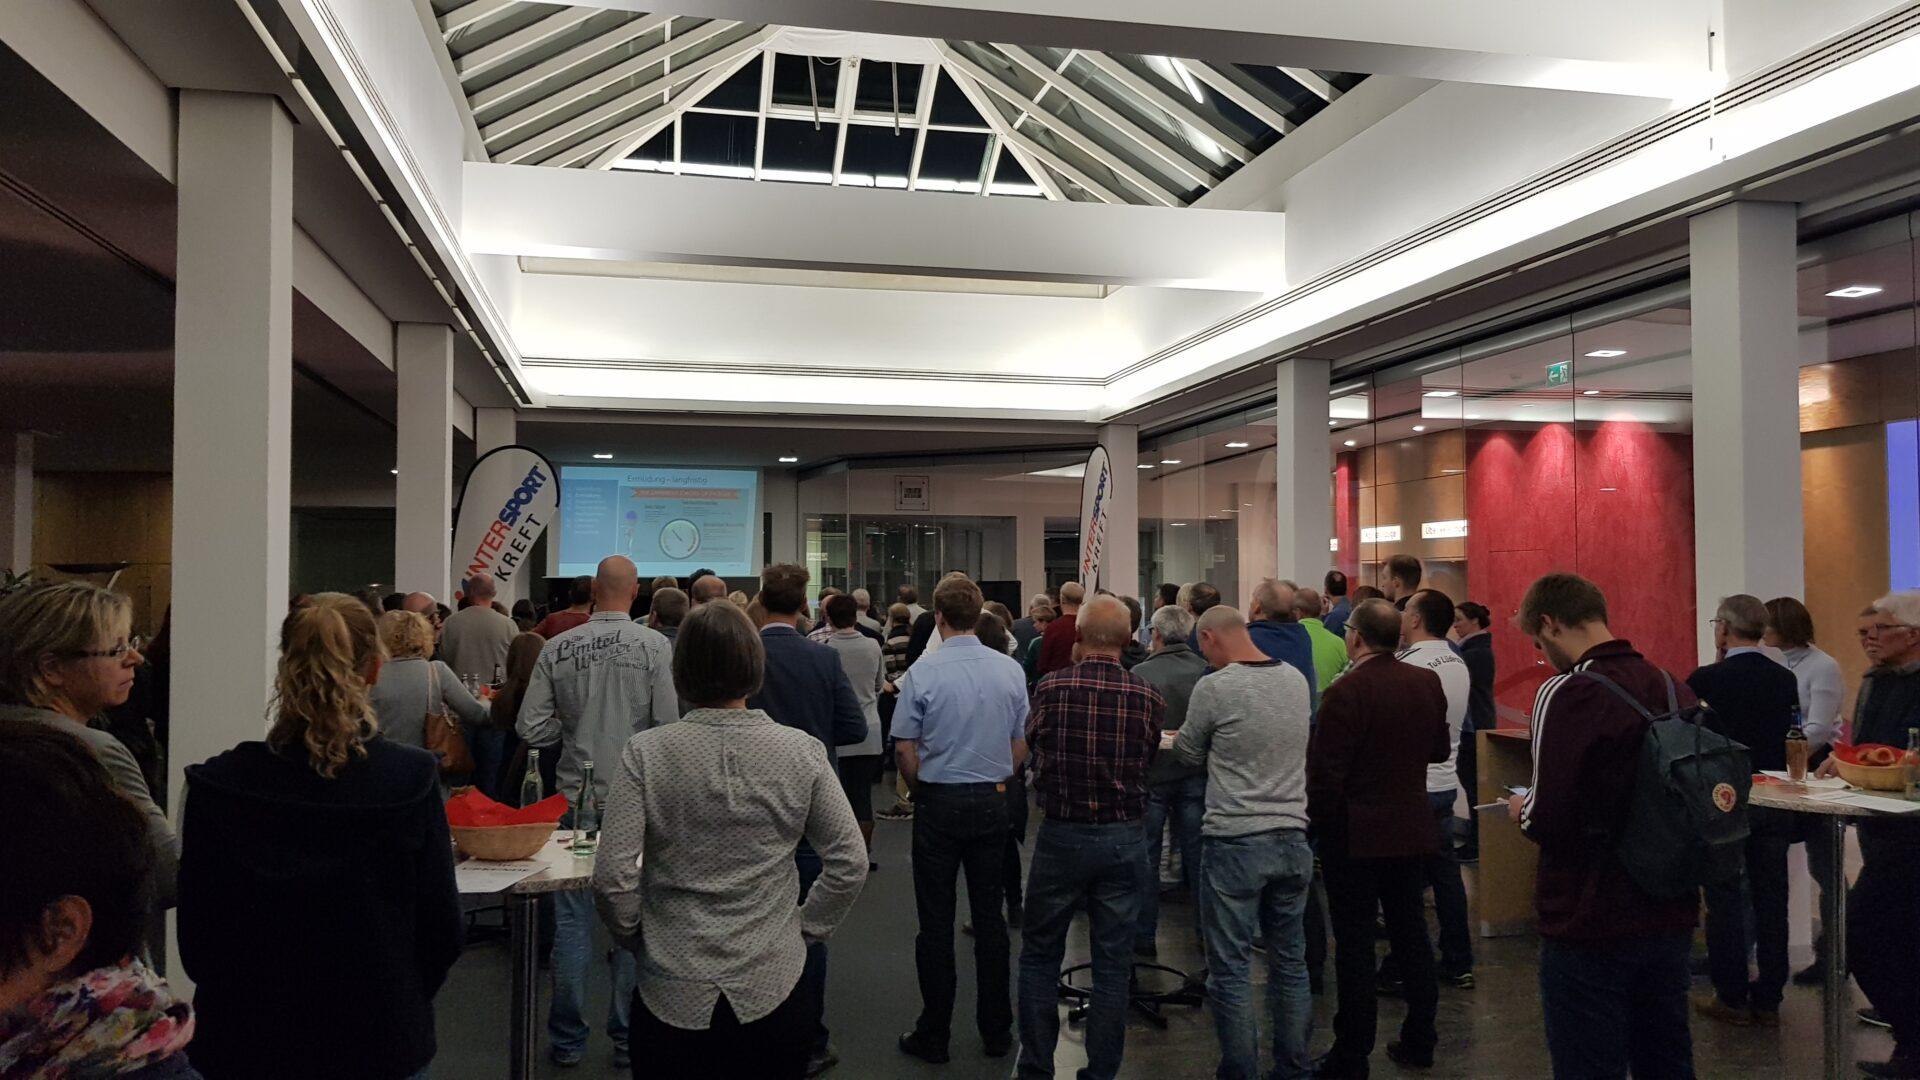 11Auitaktveranstaltung der Schaumburger Laufserie in der Kassenhalle der Sparkasse Stadthagen